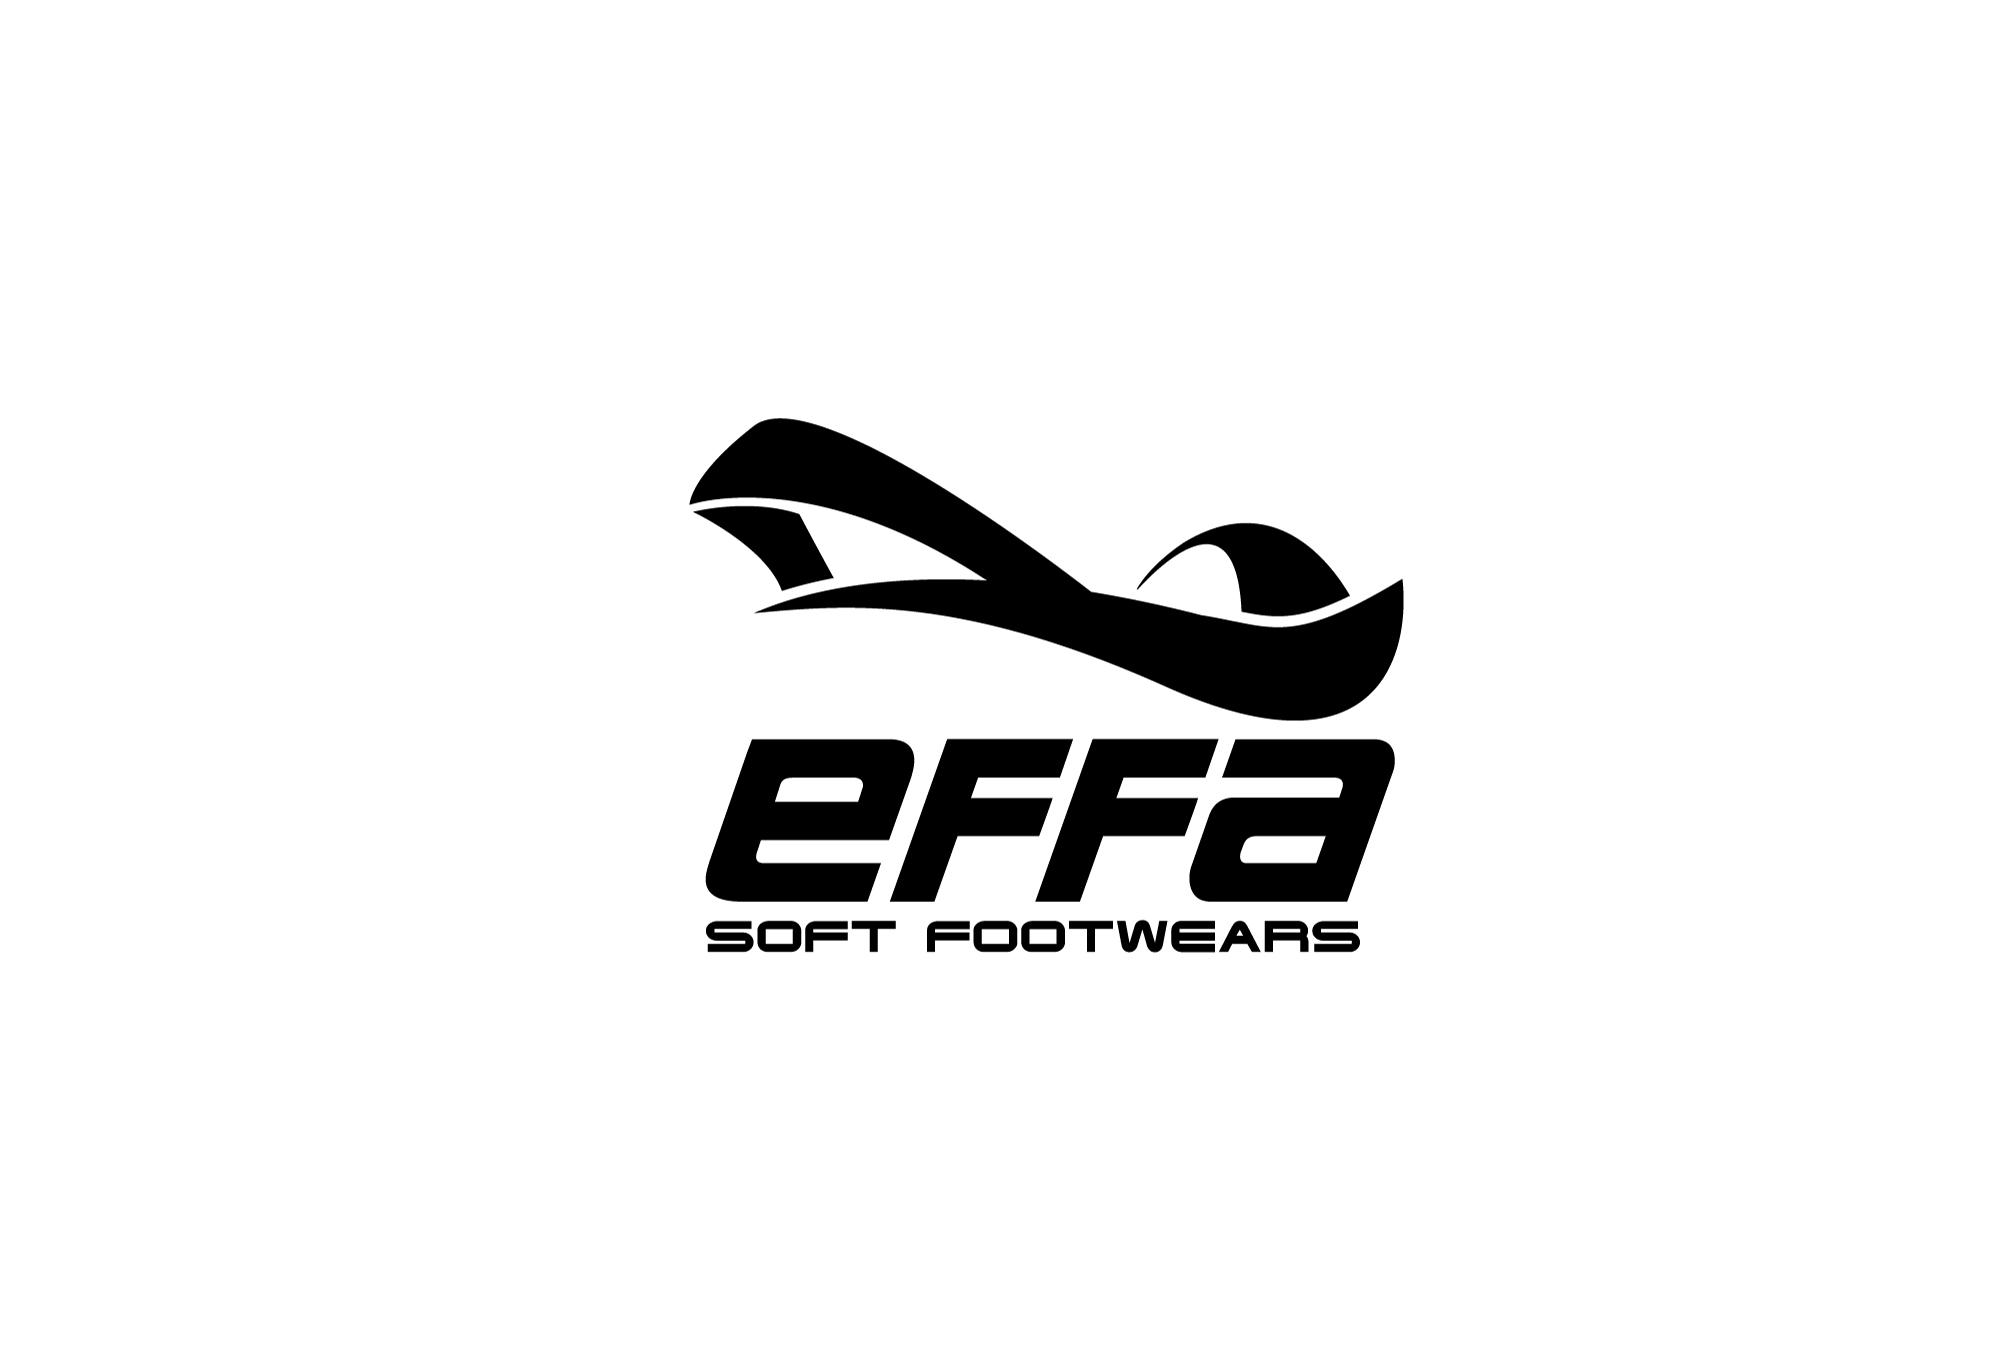 Разработка логотипа Effa. Спортивная обувь